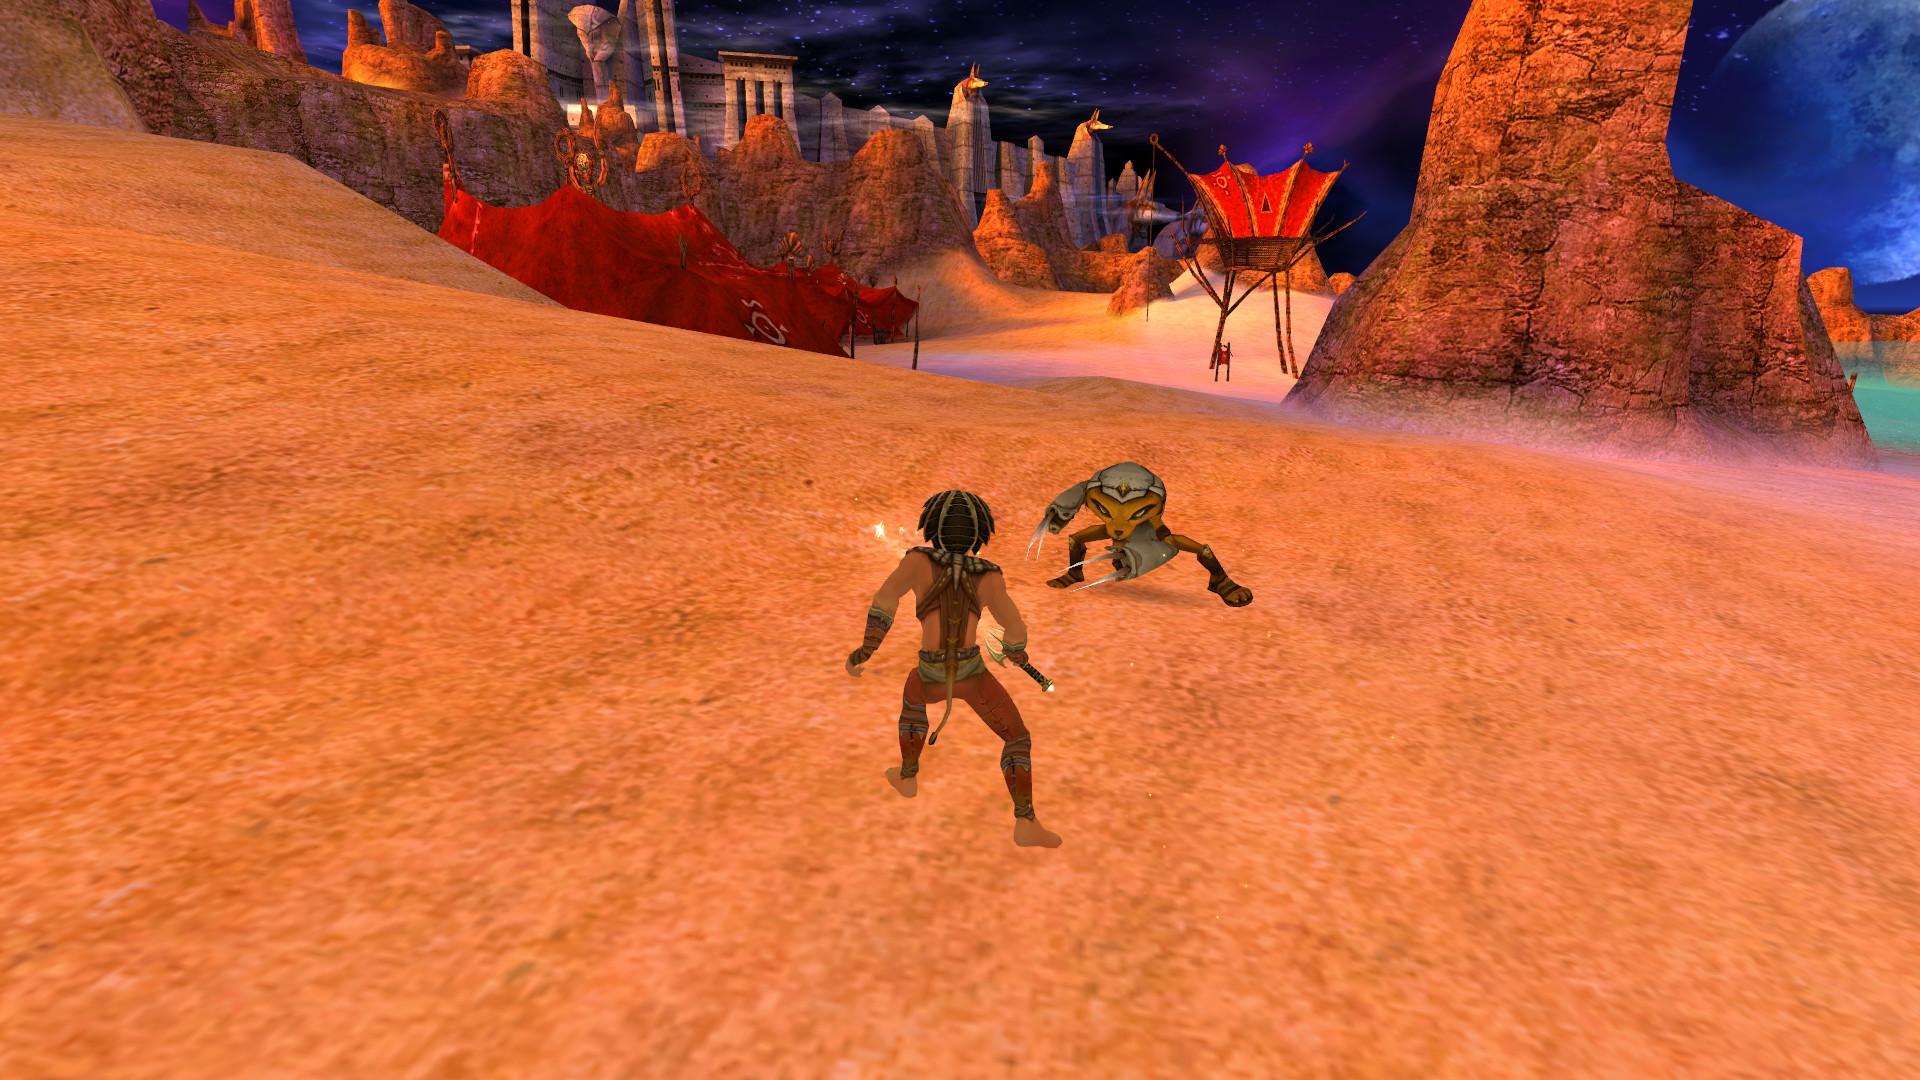 這是任天堂GameCube游戏列表這篇文章的第9張圖